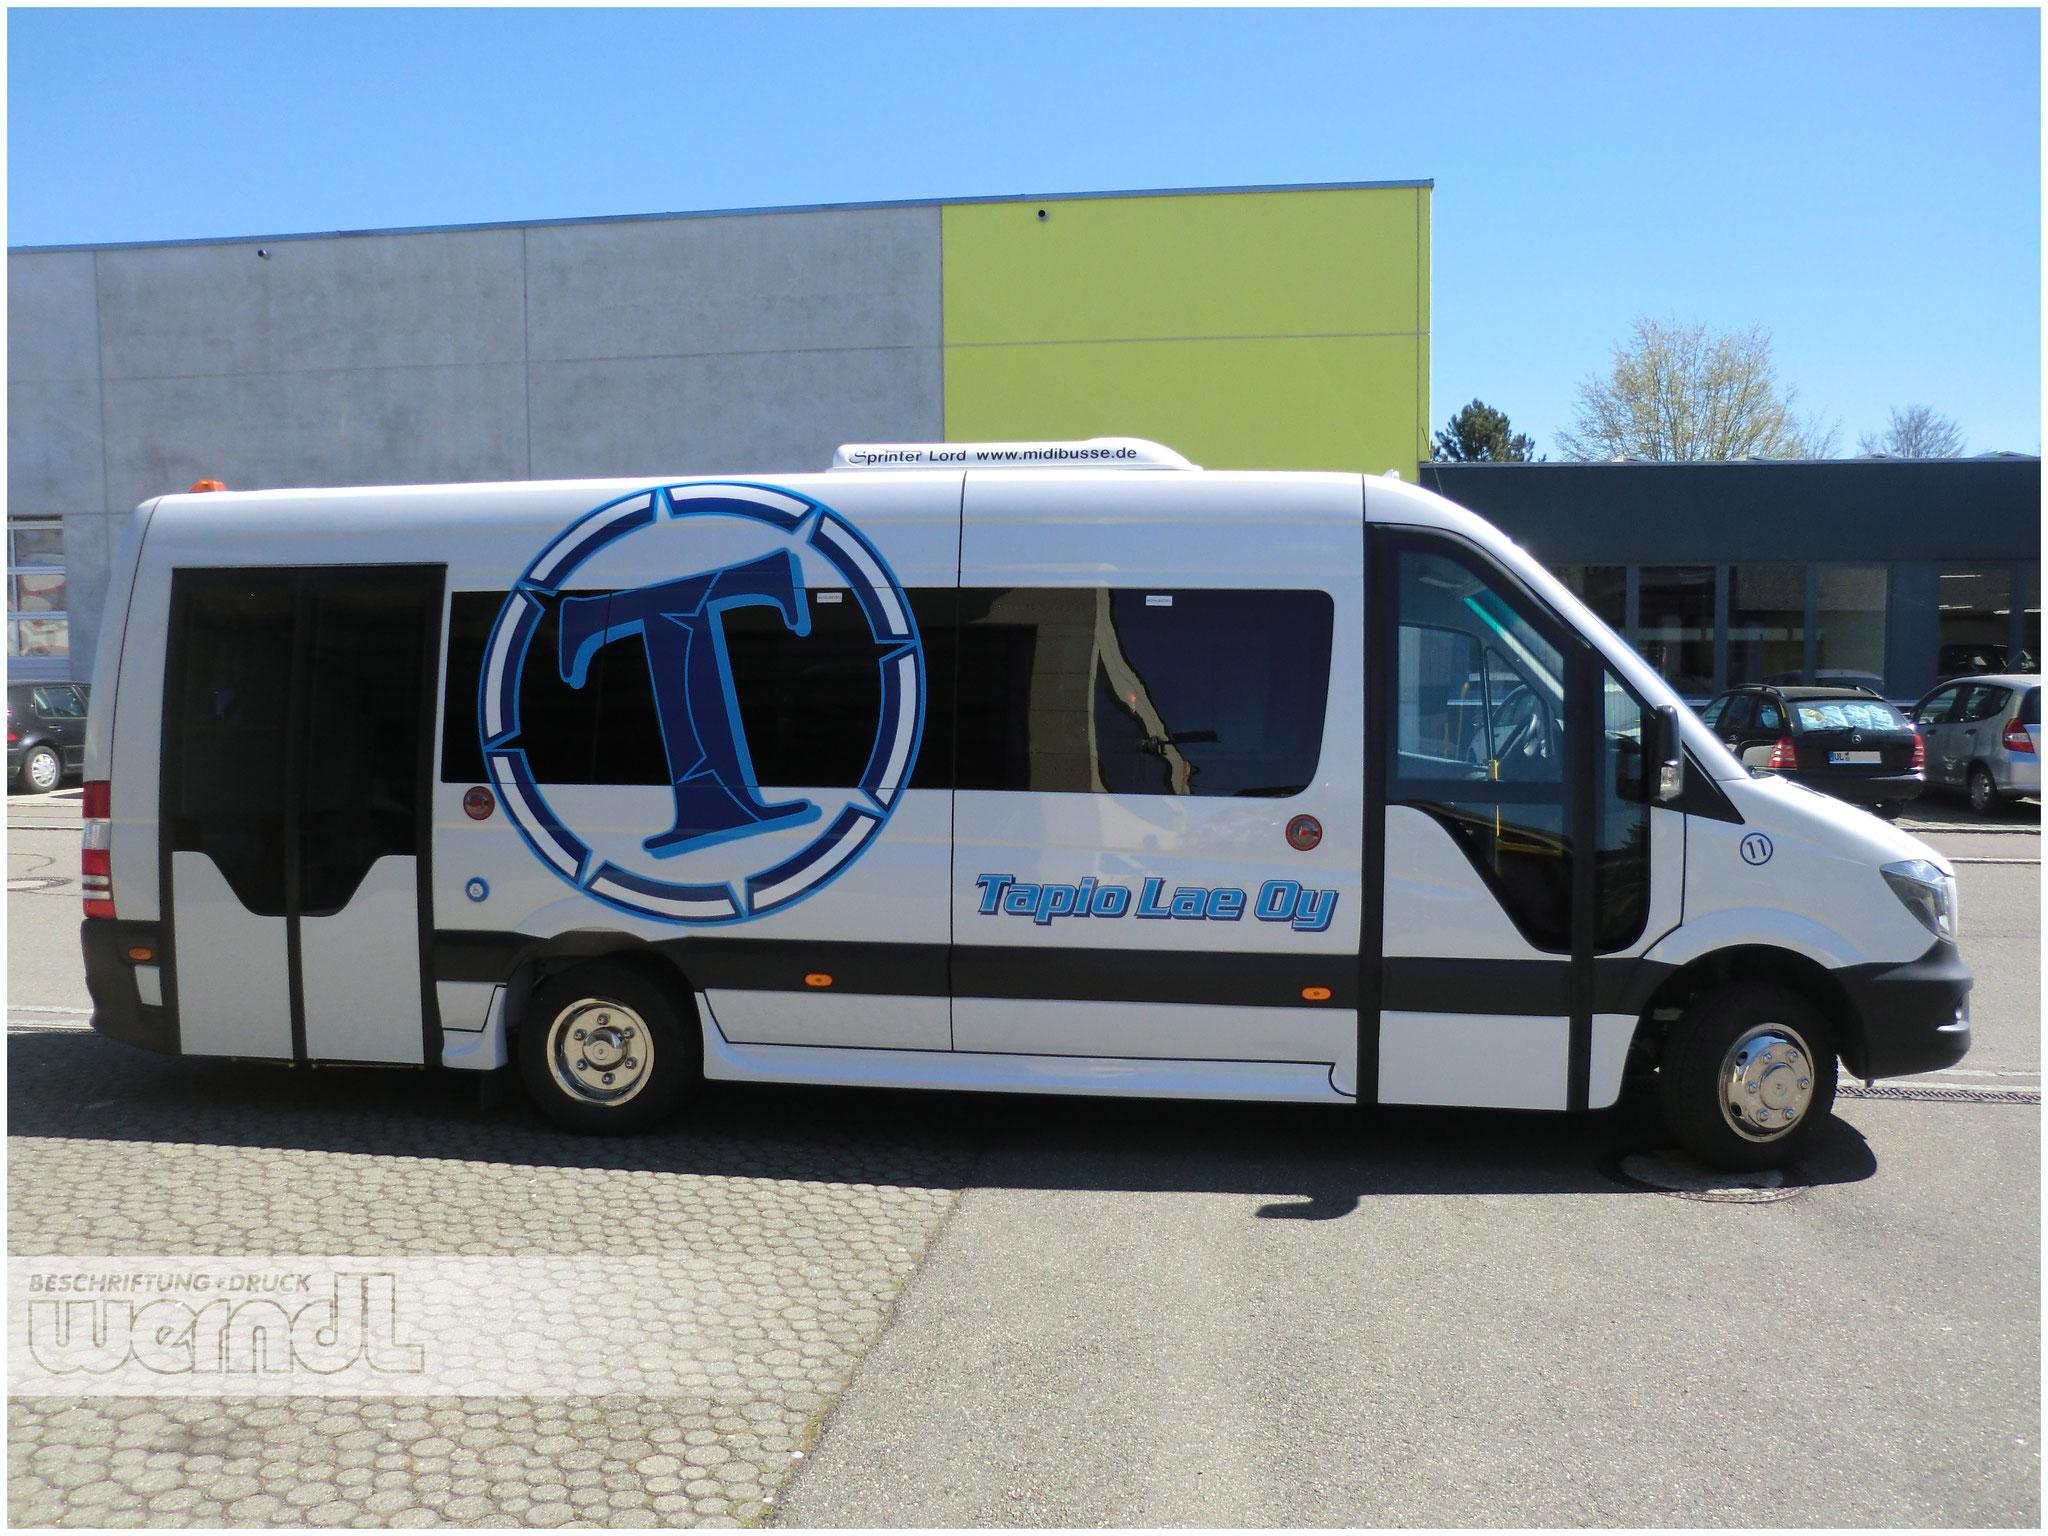 Midibus Folierung für Finnland